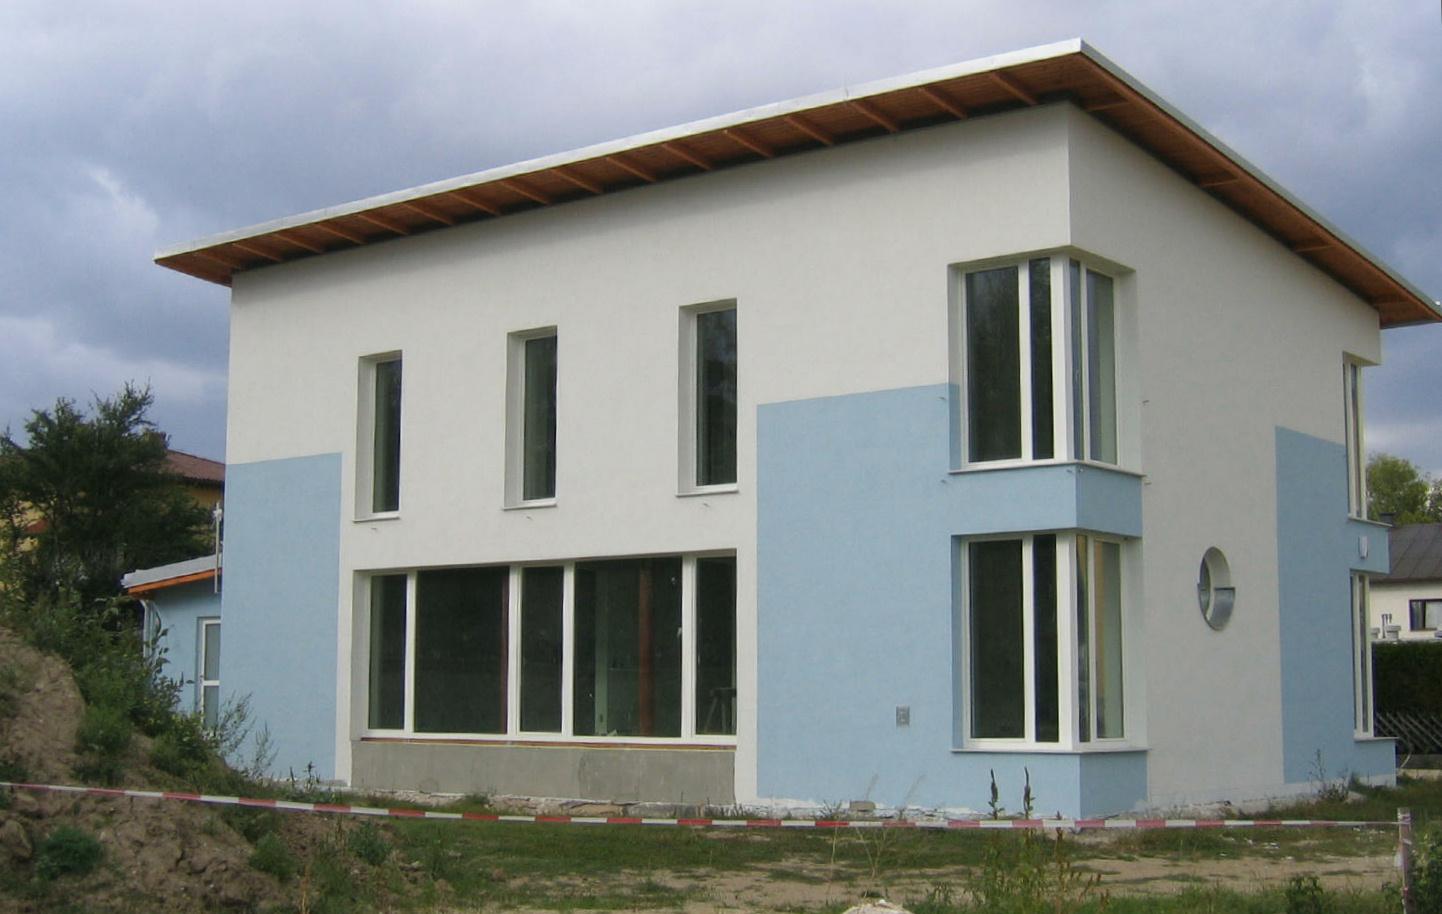 Passivhaus in Wilfersdorf